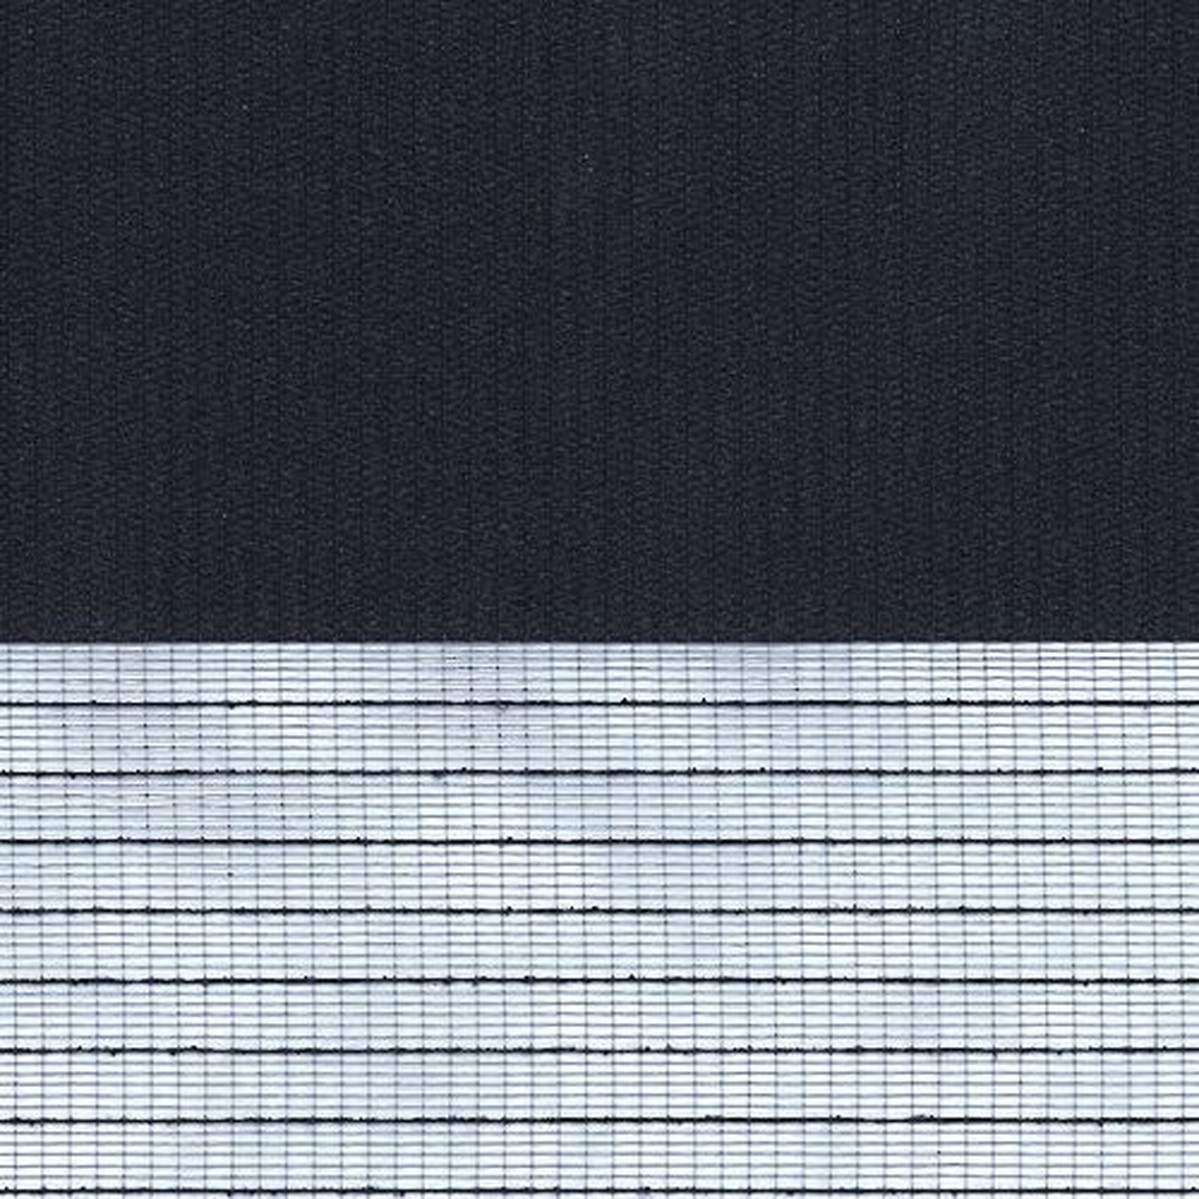 リアル TOSO チョコレート 180X200 センシア 180X200 チョコレート TOSO 1本, タロット直輸入専門店 ヘリテイジ:5ba5efb1 --- blacktieclassic.com.au